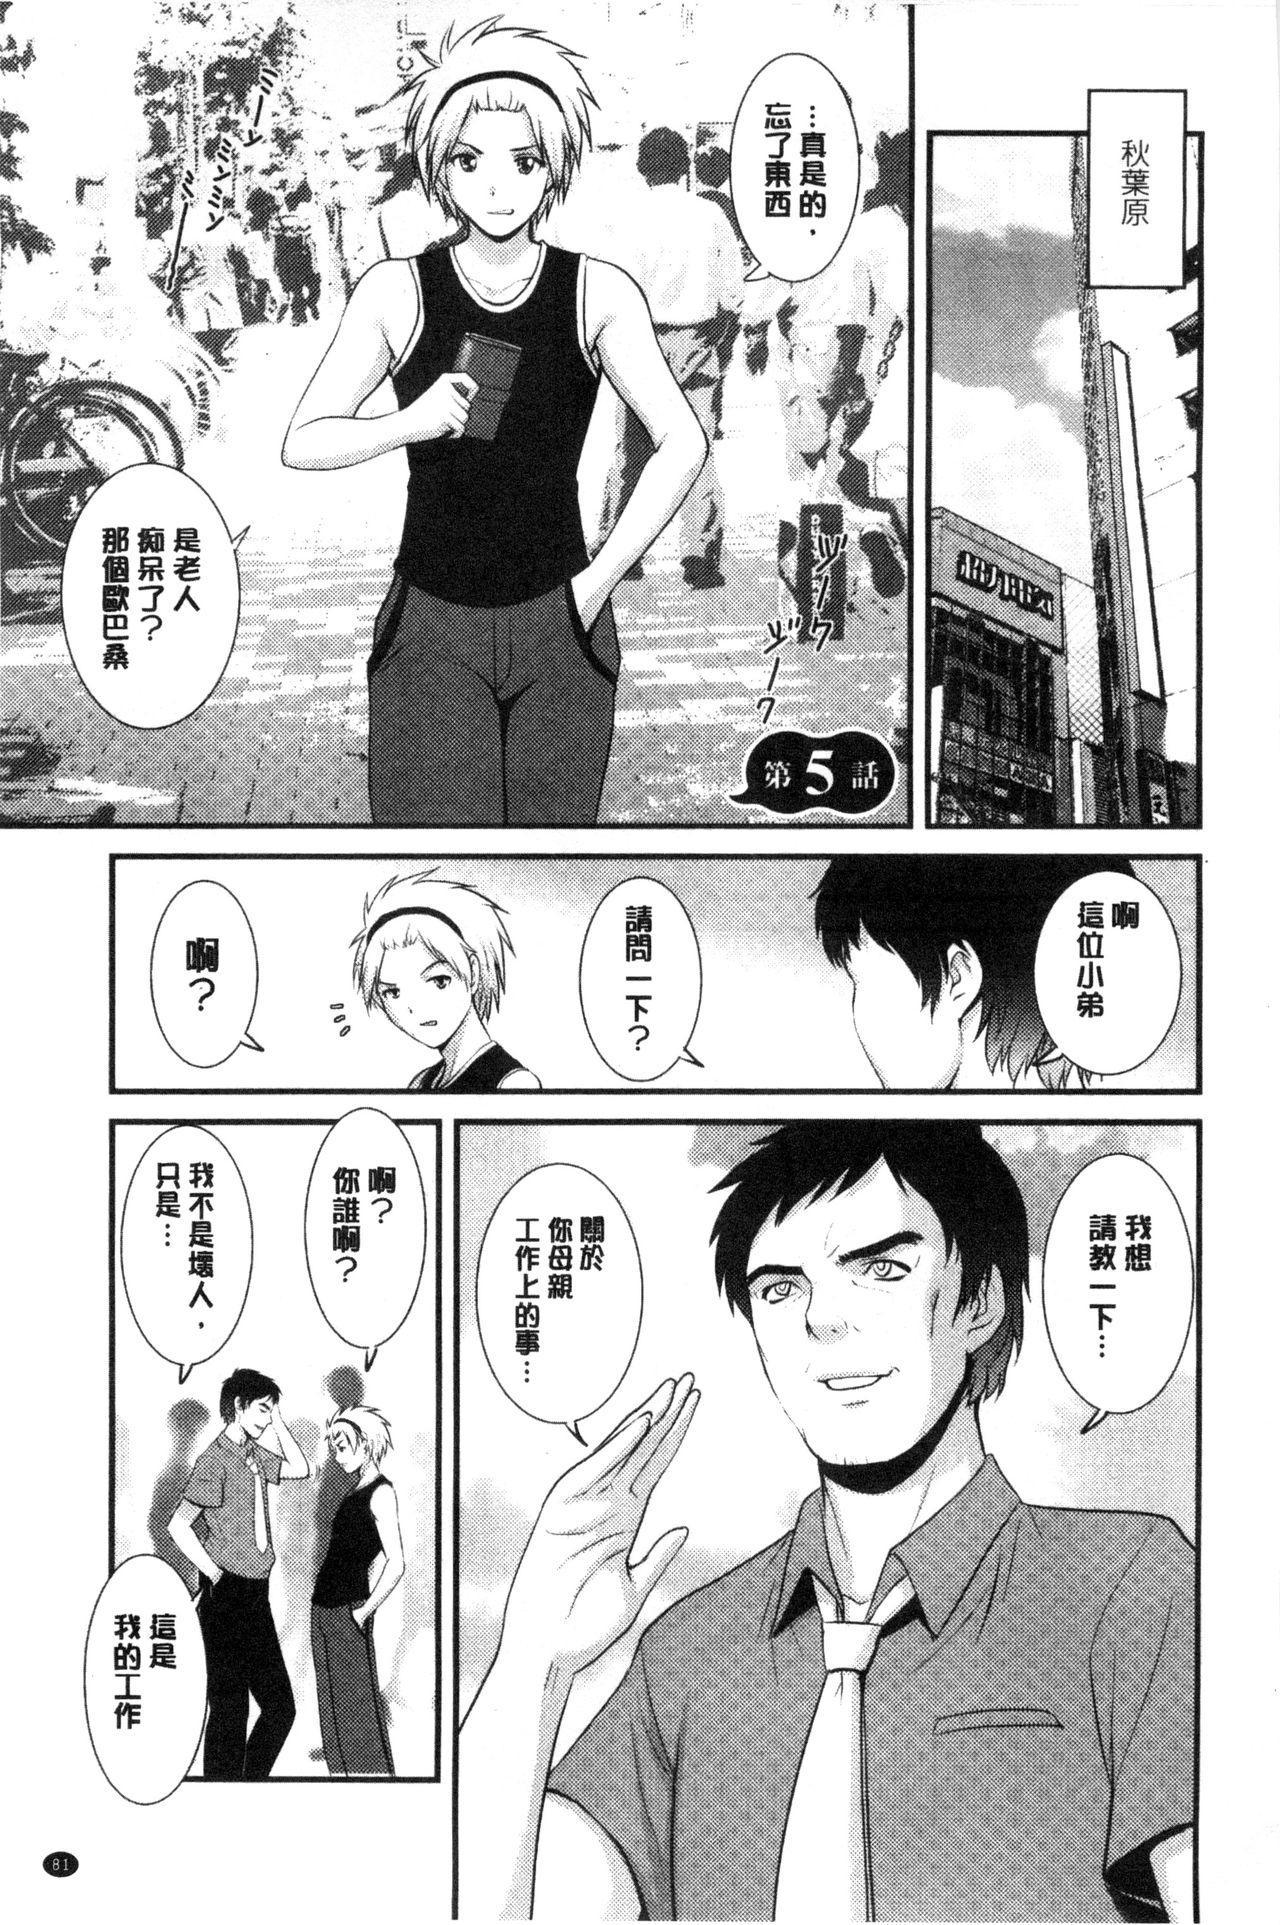 [Saigado] Part Time Manaka-san Wakazuma Enjokousai-ki | 兼職打工的愛花小姐 [Chinese] 81